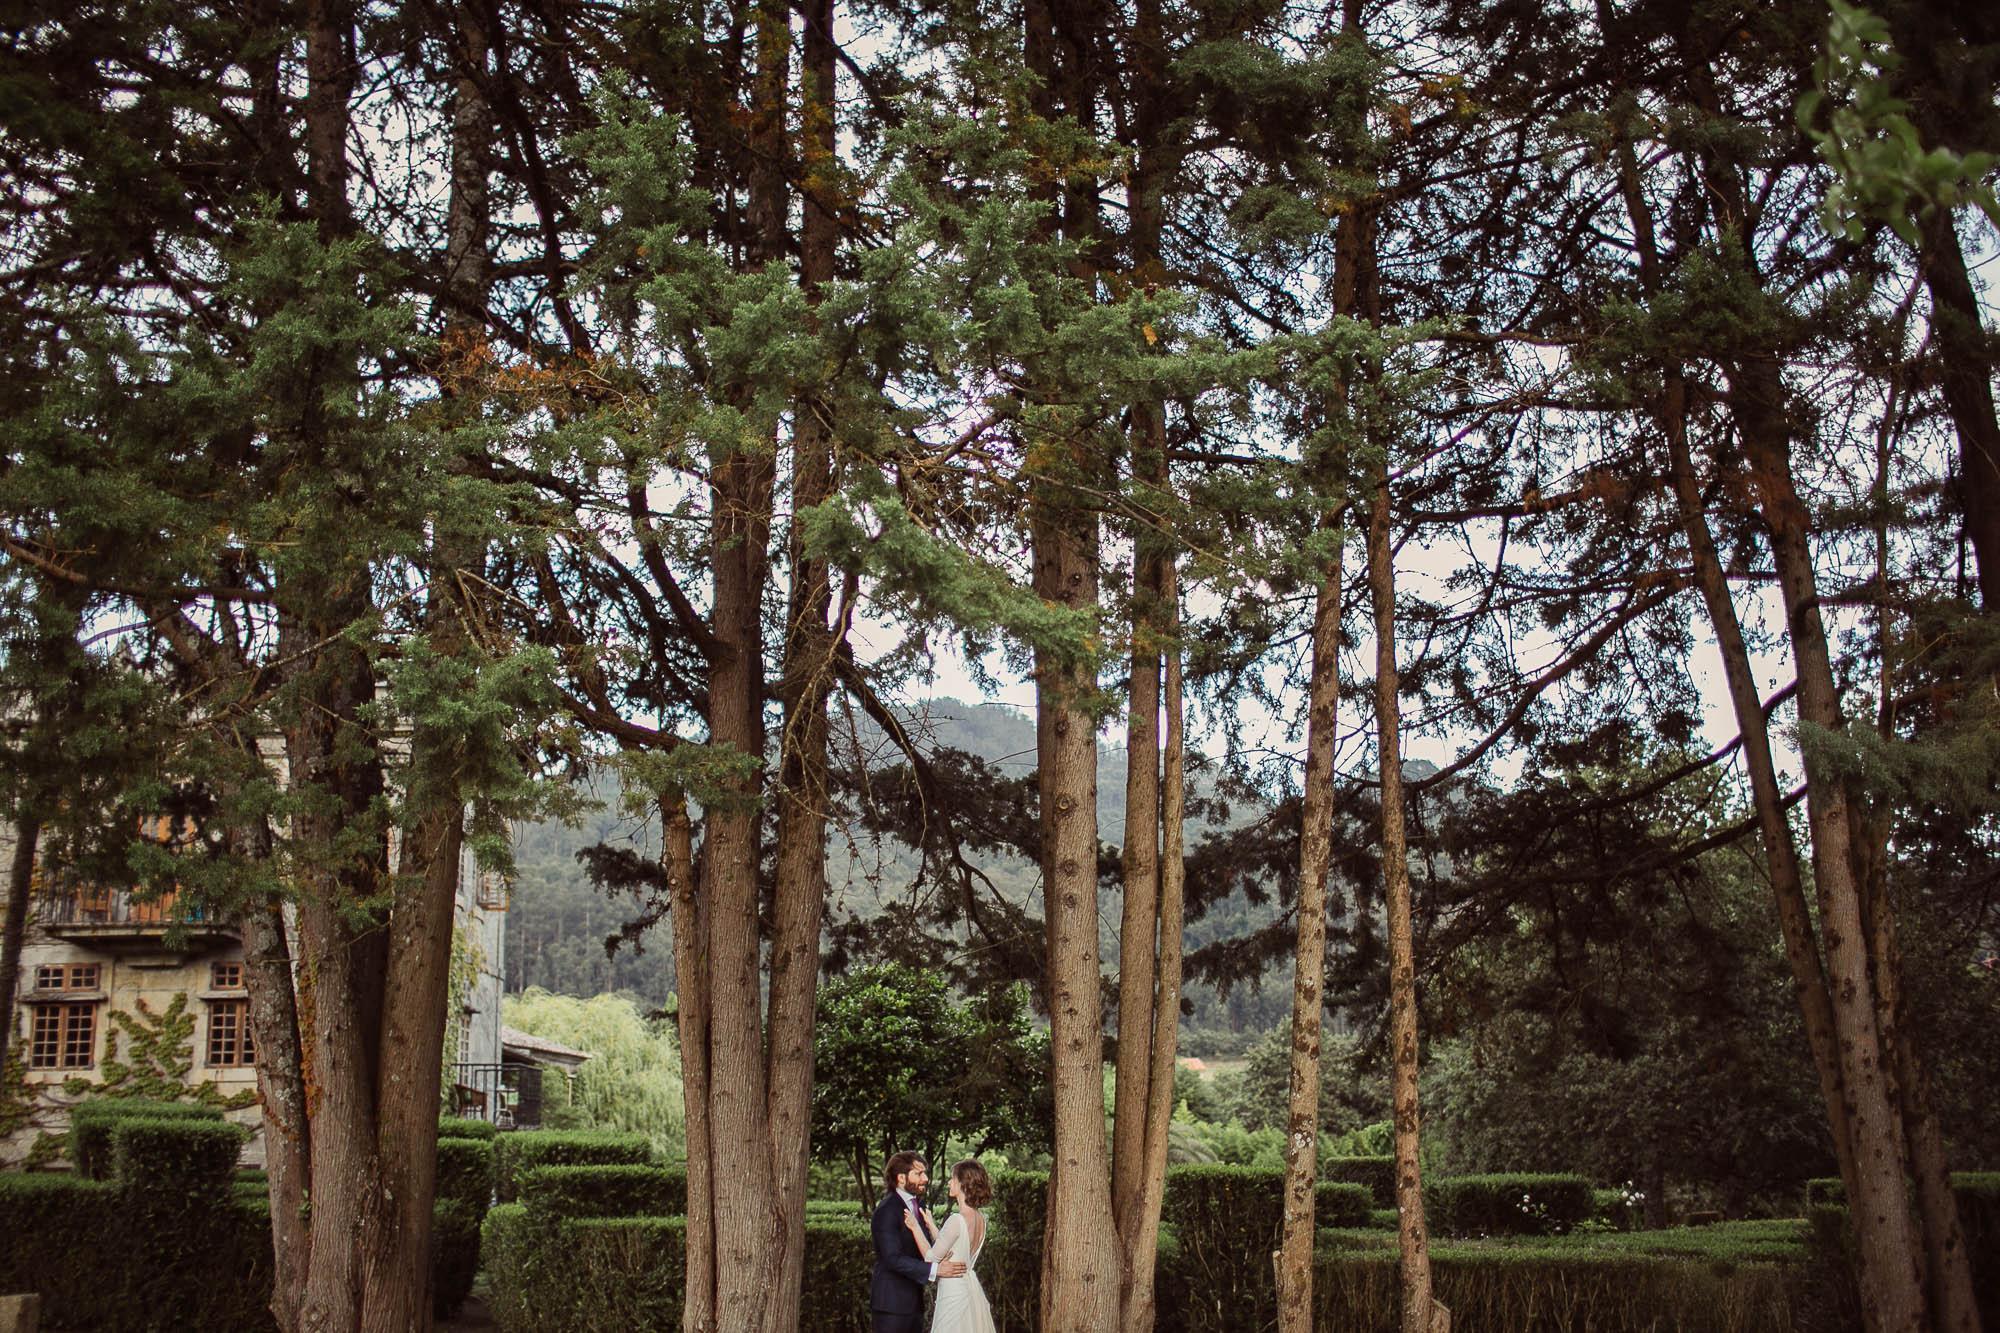 Marido y mujer abrazados y mirándose fijamente con un fondo de altos pinos